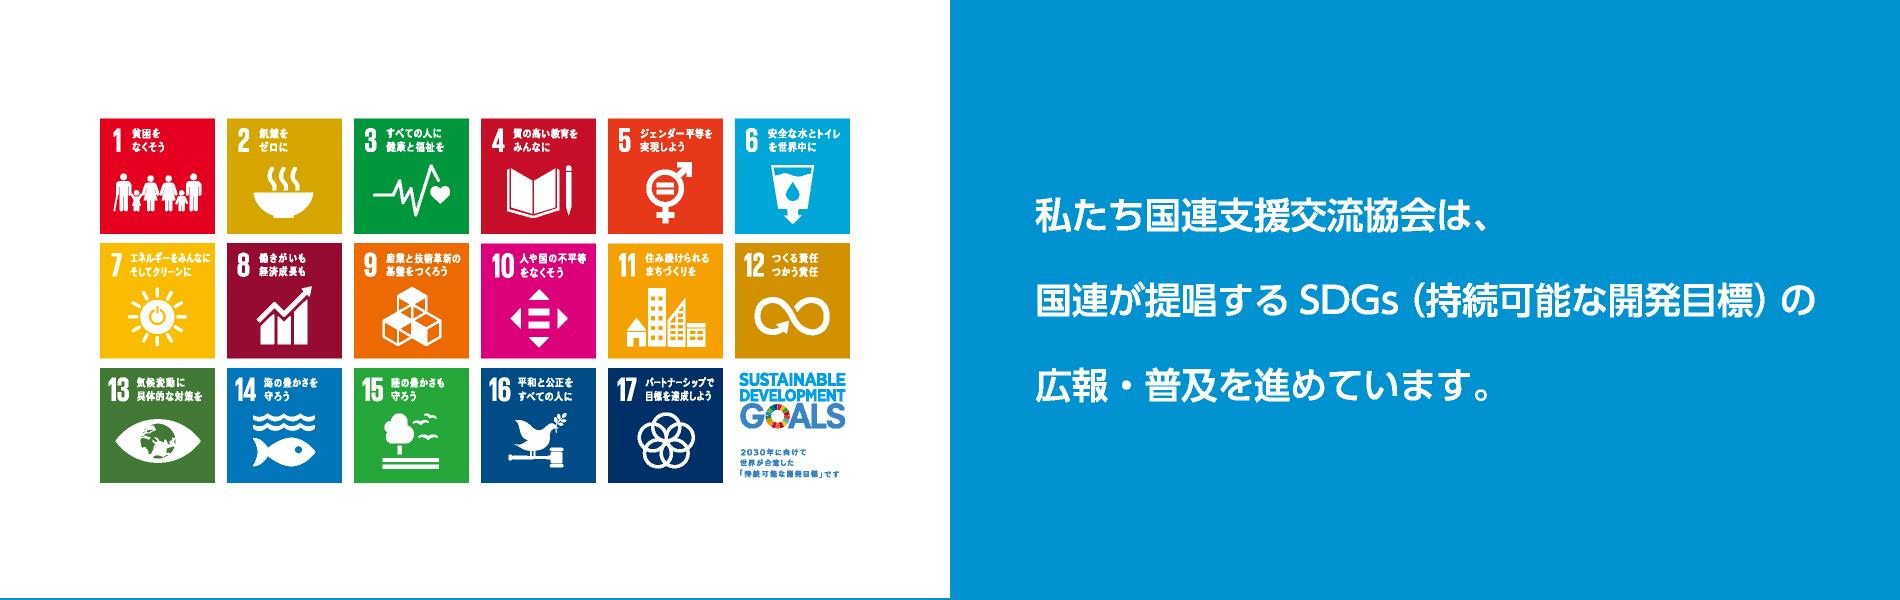 私たち国連支援交流協会は、国連が提唱するSDGs(持続可能な開発目標)の広報・普及を進めています。